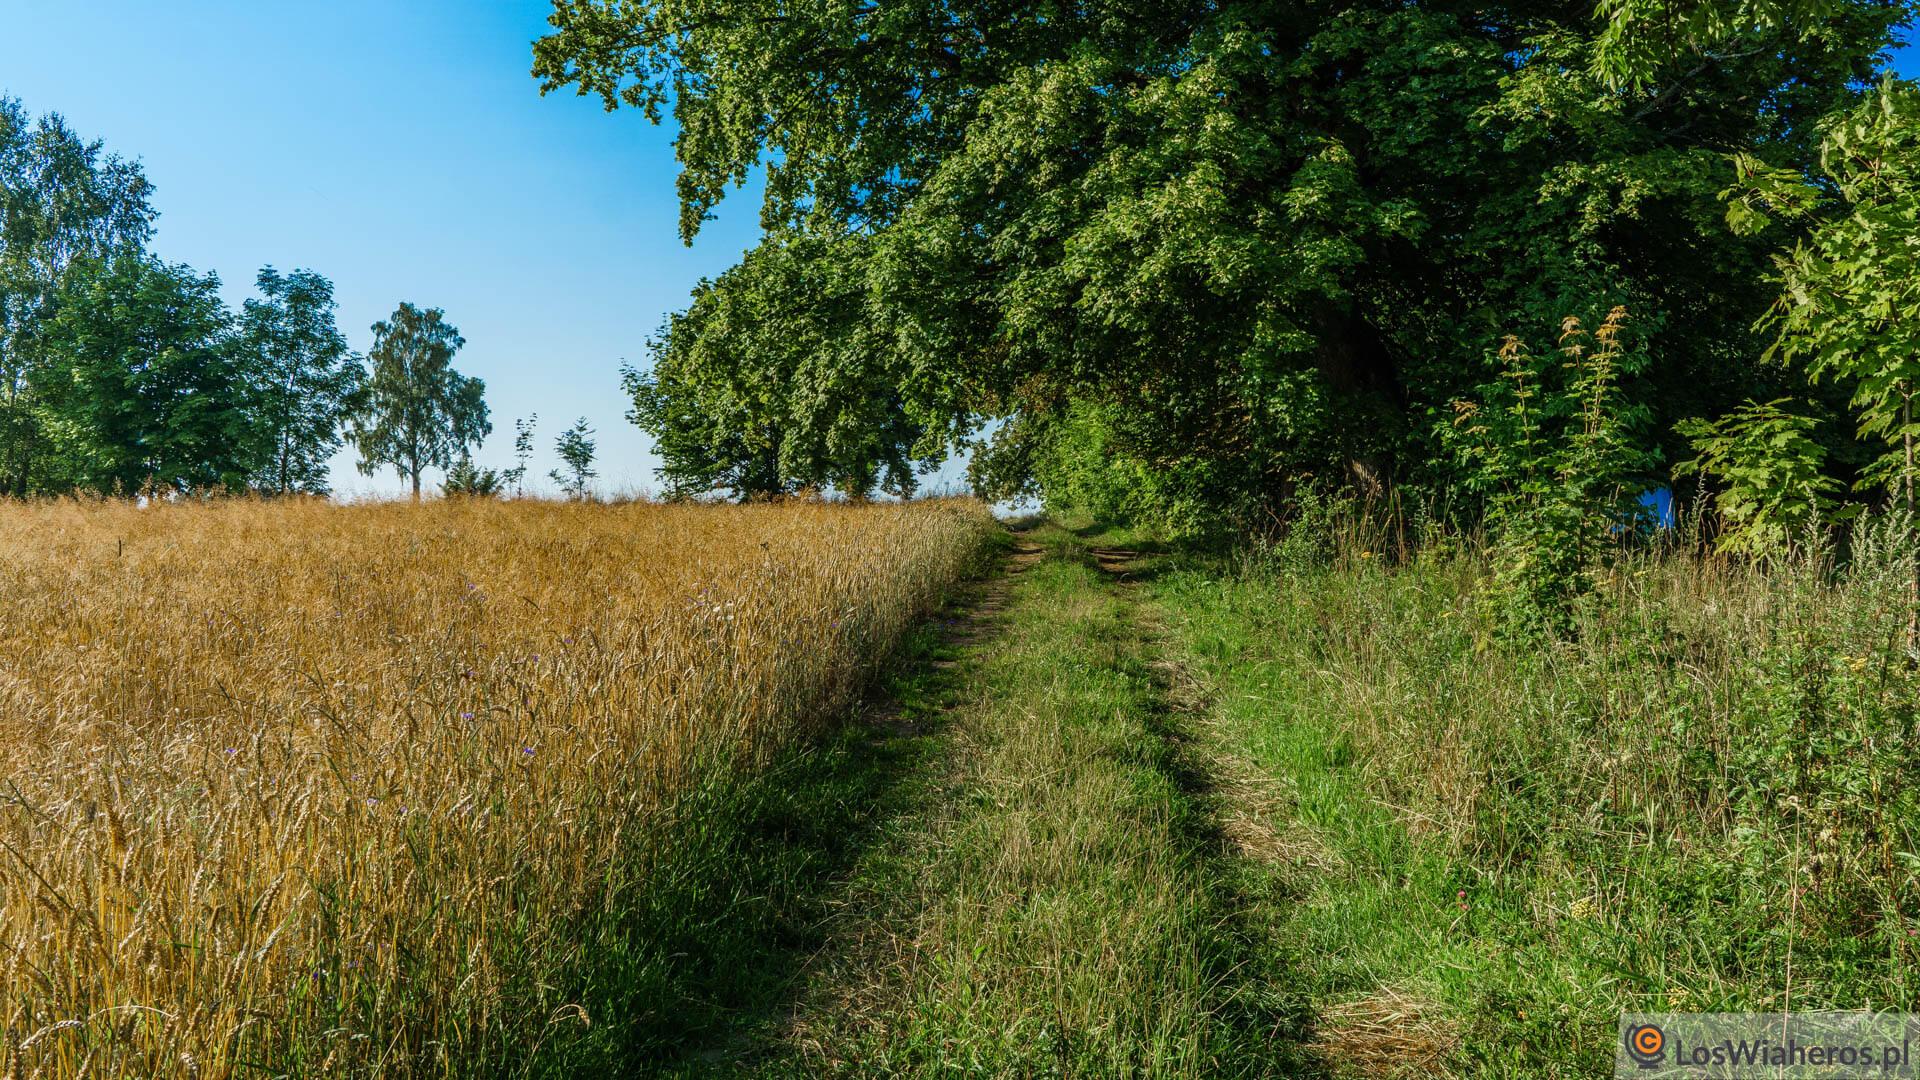 Droga przezmazurskie łąki...